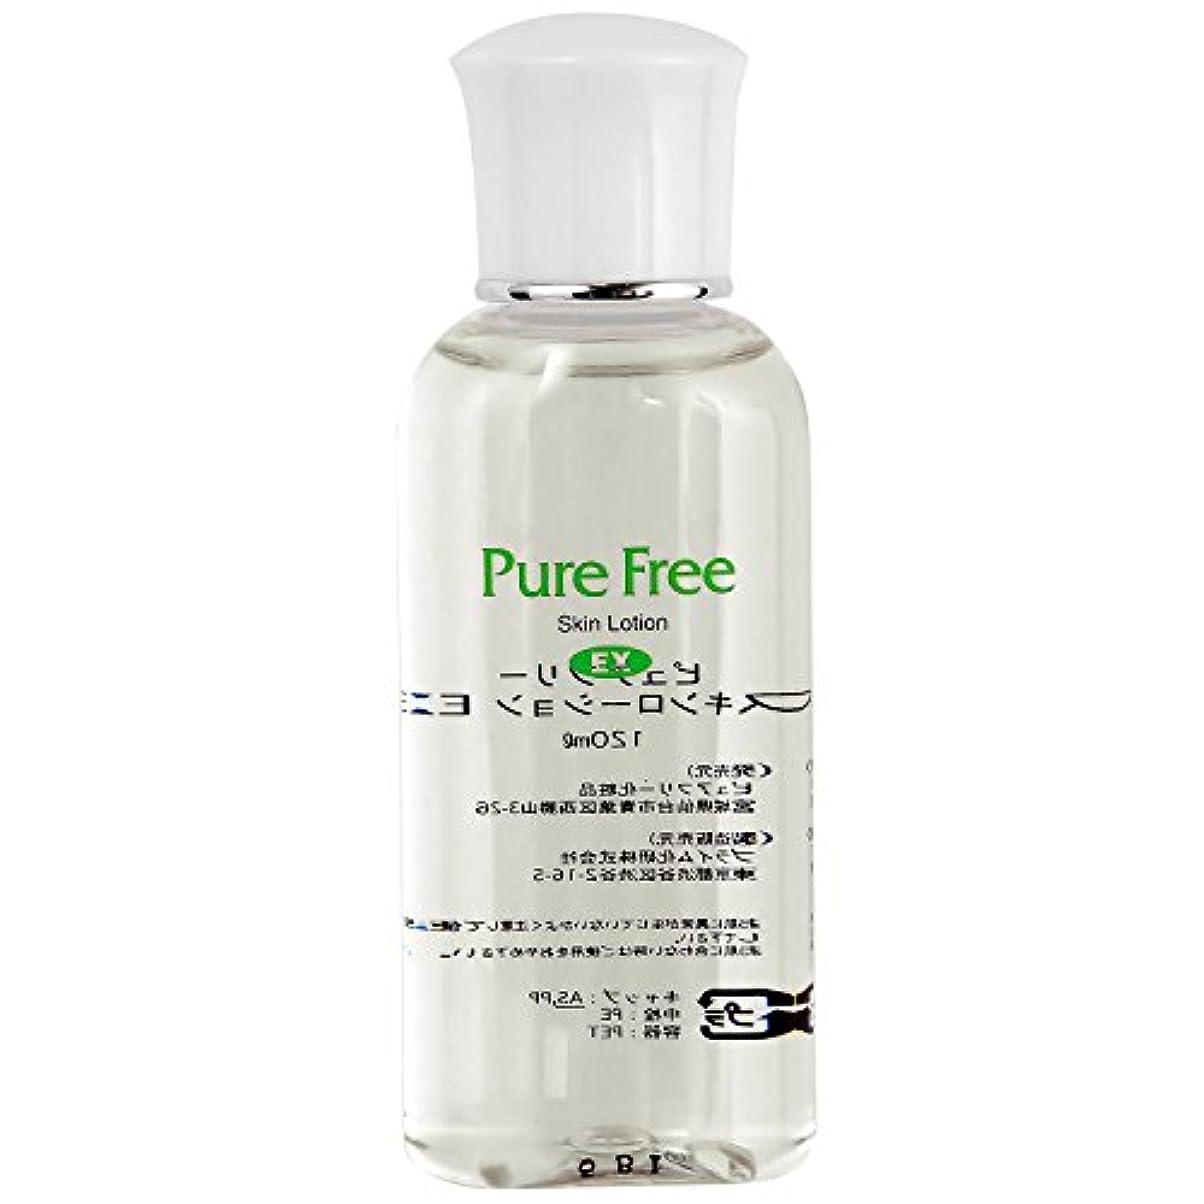 暗殺者予想外上がるPure Free (ピュアフリー) スキンローションEX 正規品 化粧水 保湿用水分 オーガニック